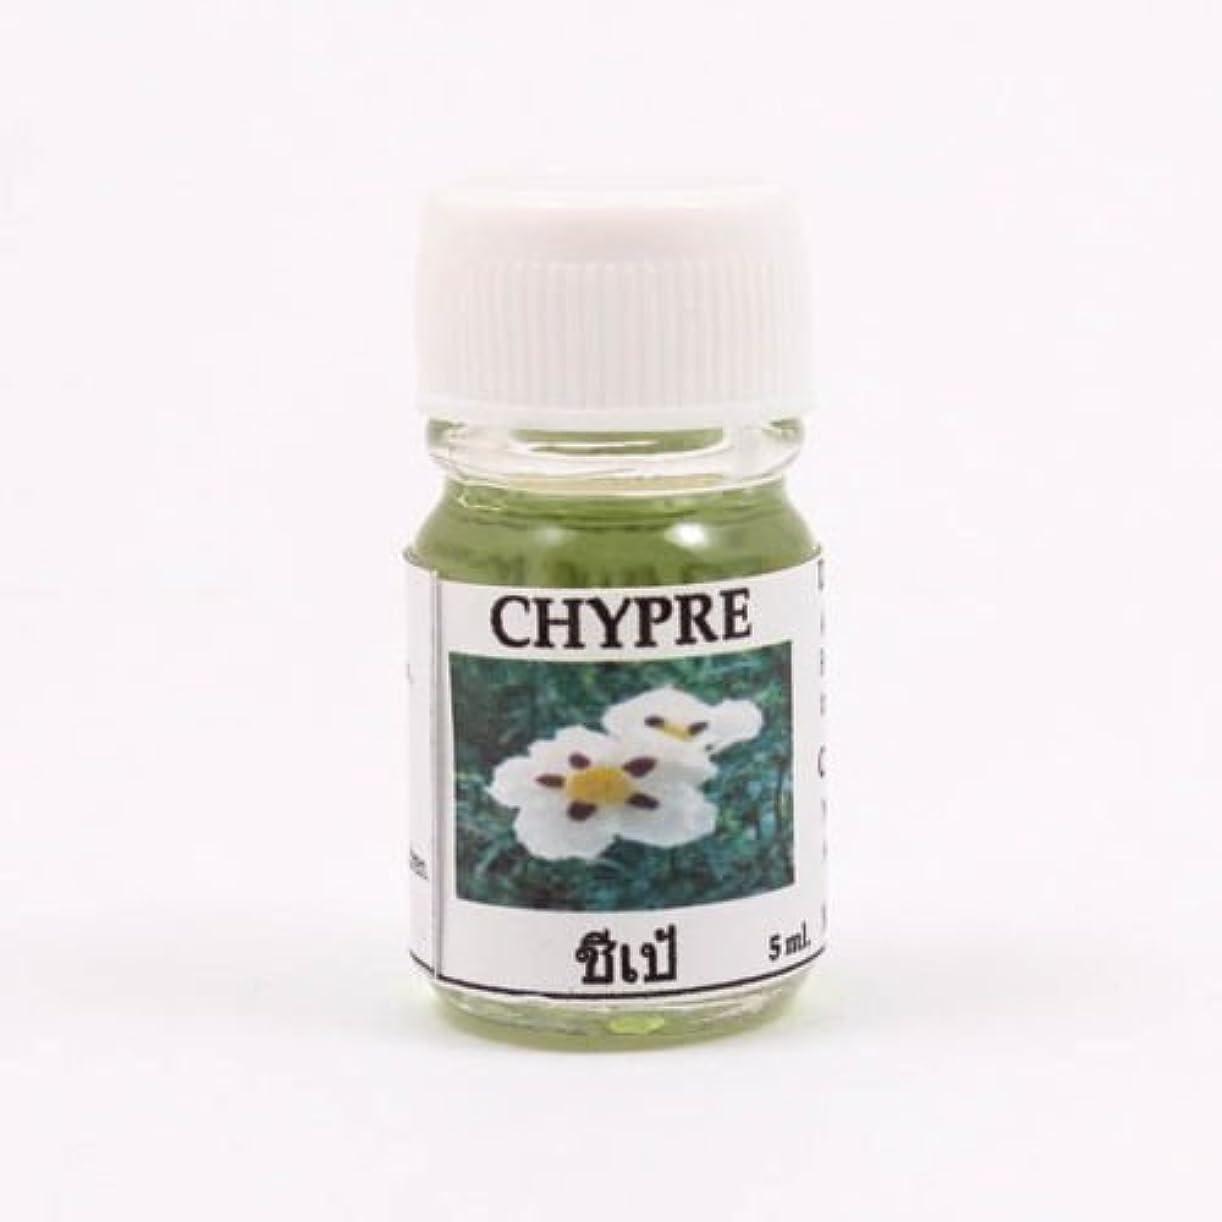 義務づける突き刺す出血6X Chypre Aroma Fragrance Essential Oil 5ML. (cc) Diffuser Burner Therapy